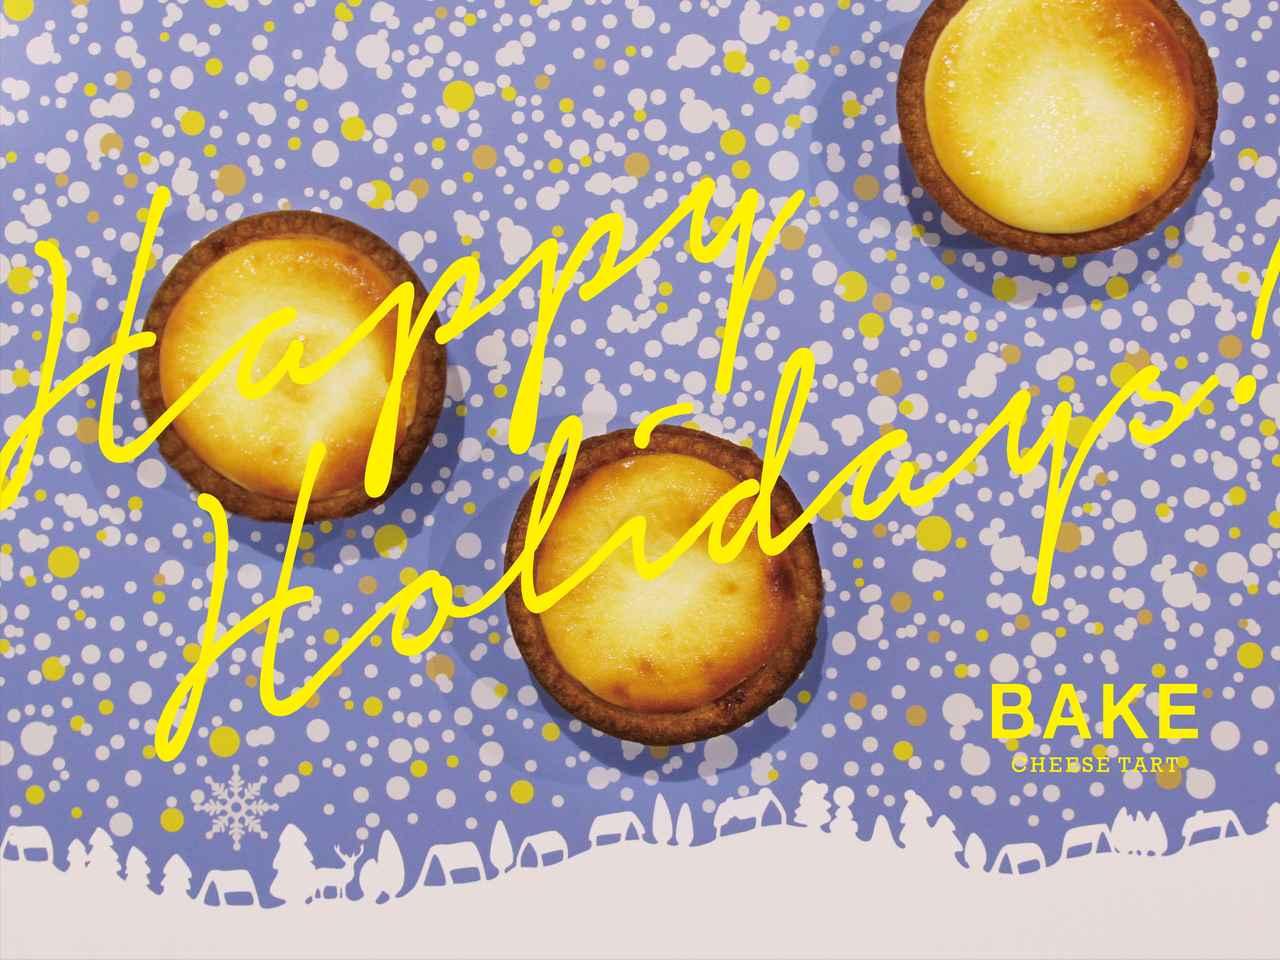 画像1: クリスマスや忘年会などのパーティーシーズンを盛り上げる『チーズタルトデコレーションタワー』